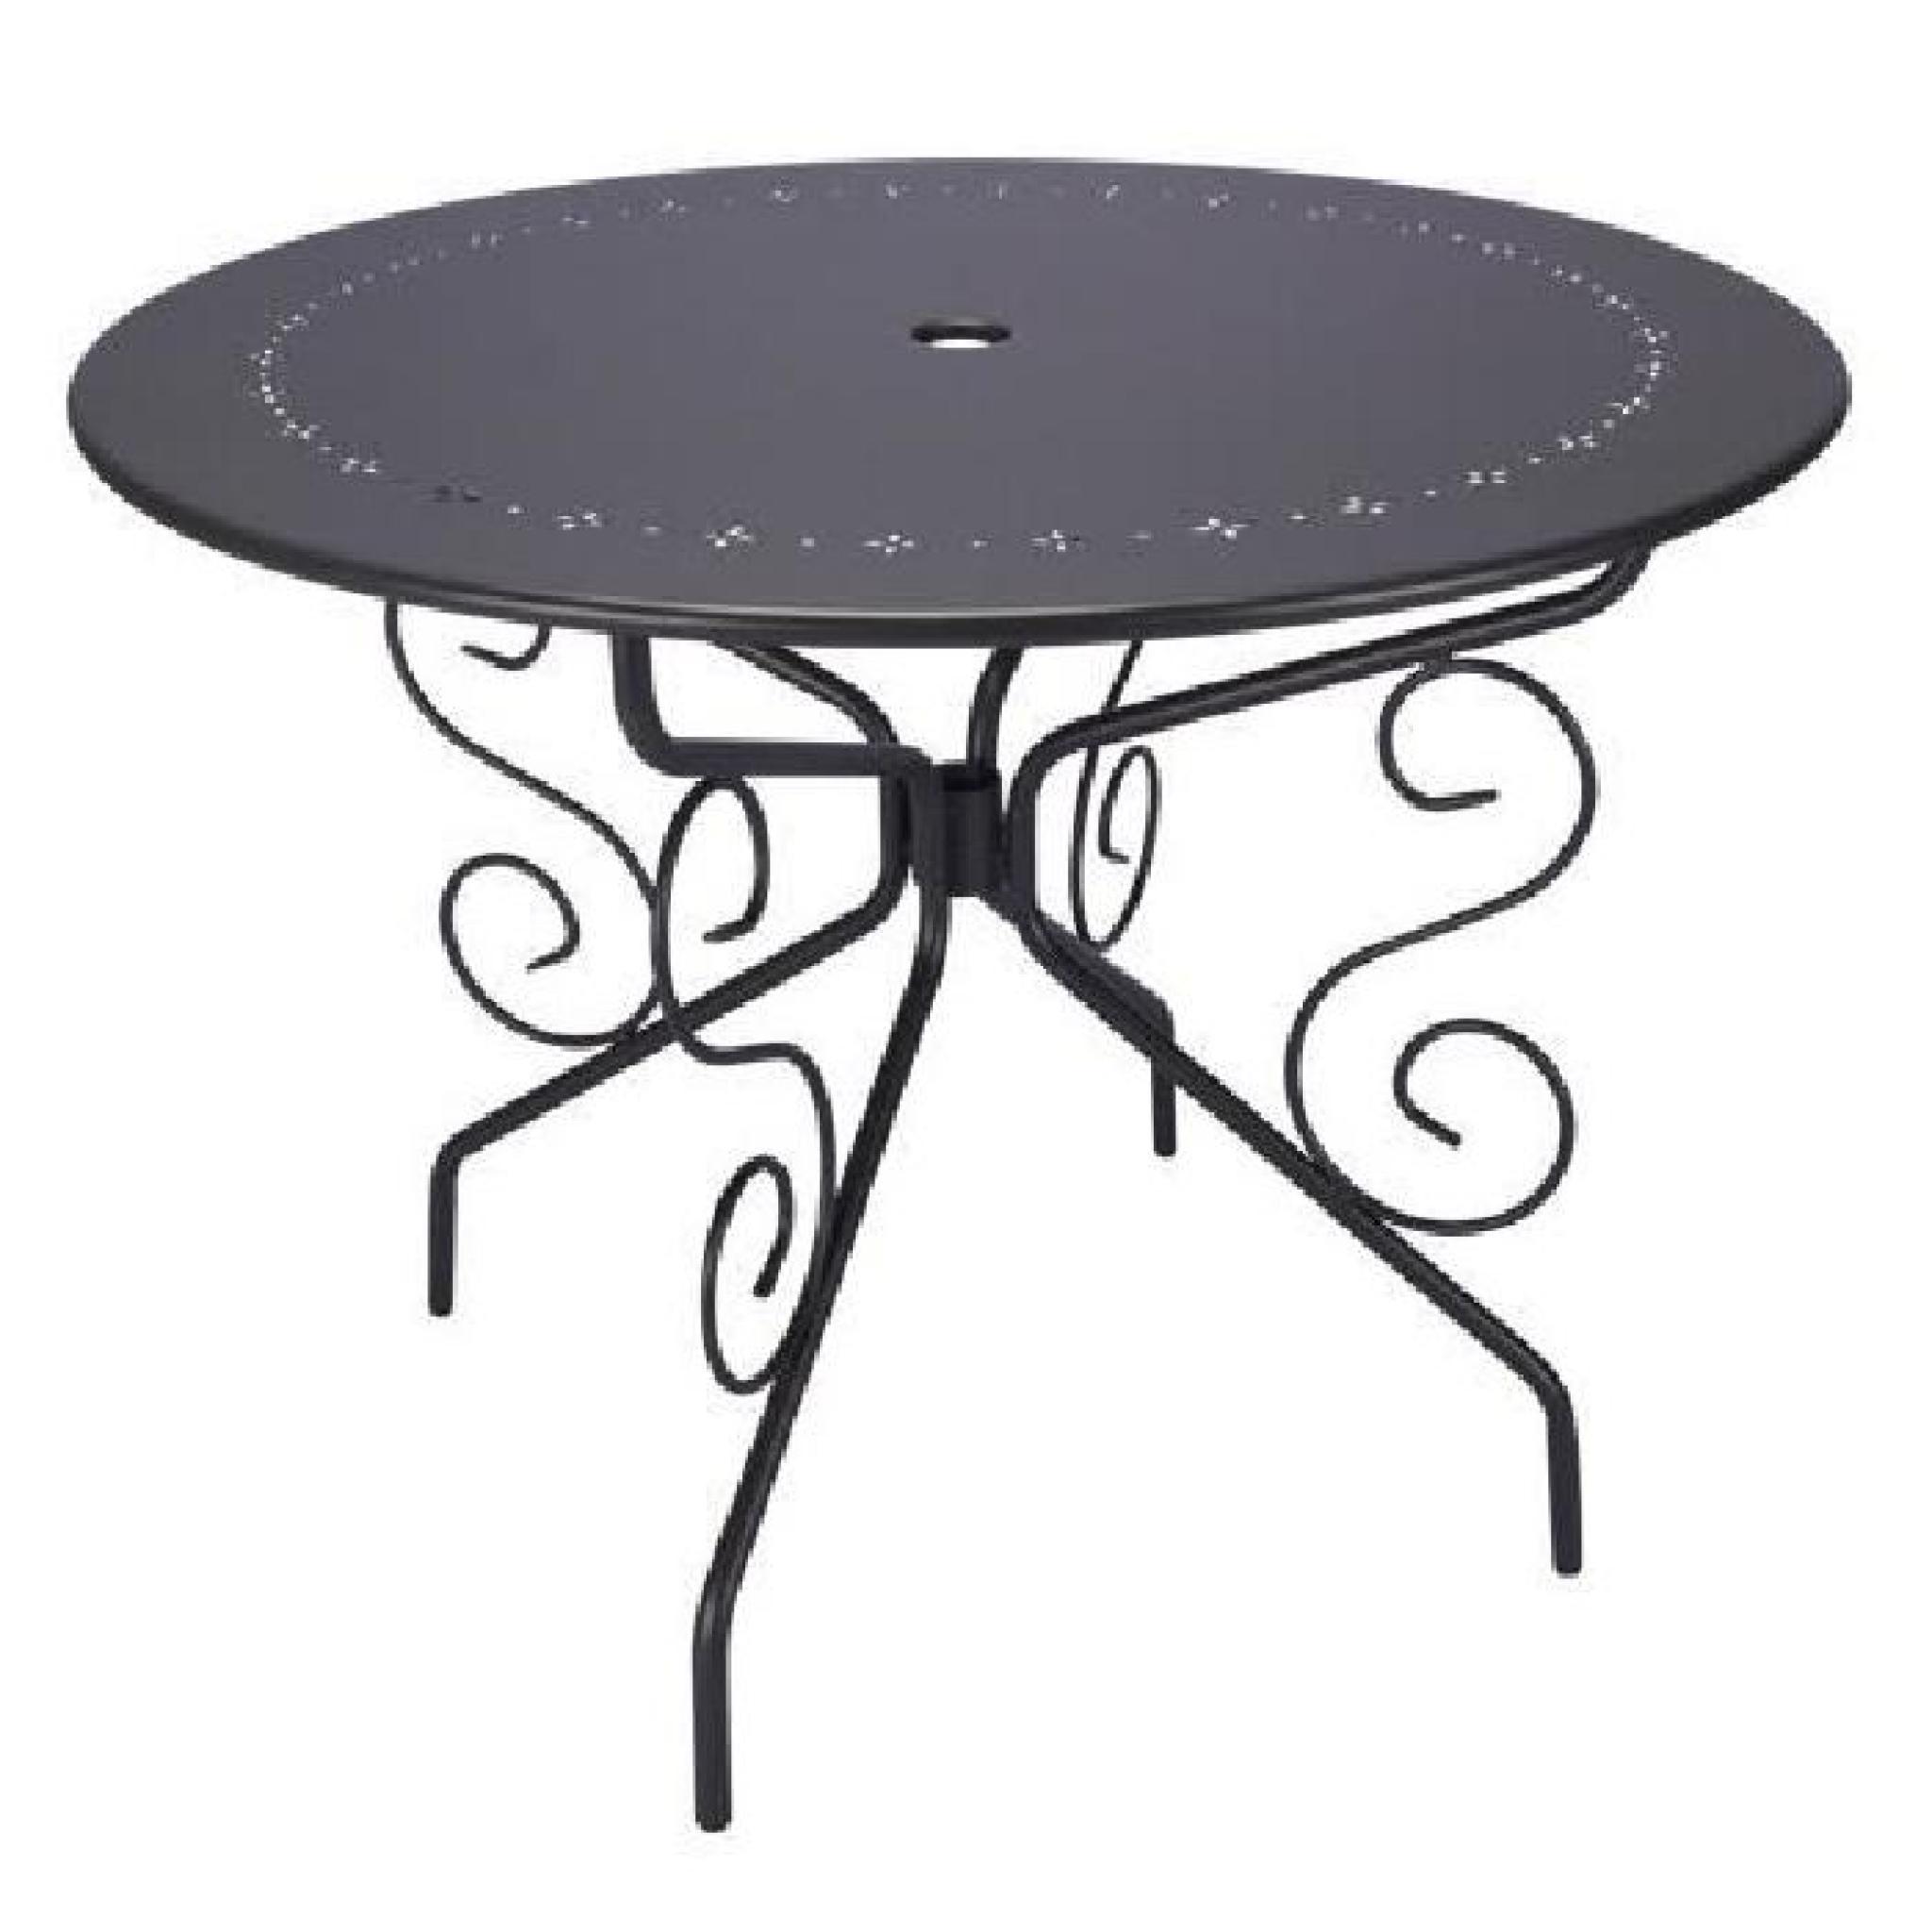 Table De Jardin Ronde D95Cm Romantique Gris Anthracite 4 Places serapportantà Table De Jardin Ronde Pas Cher